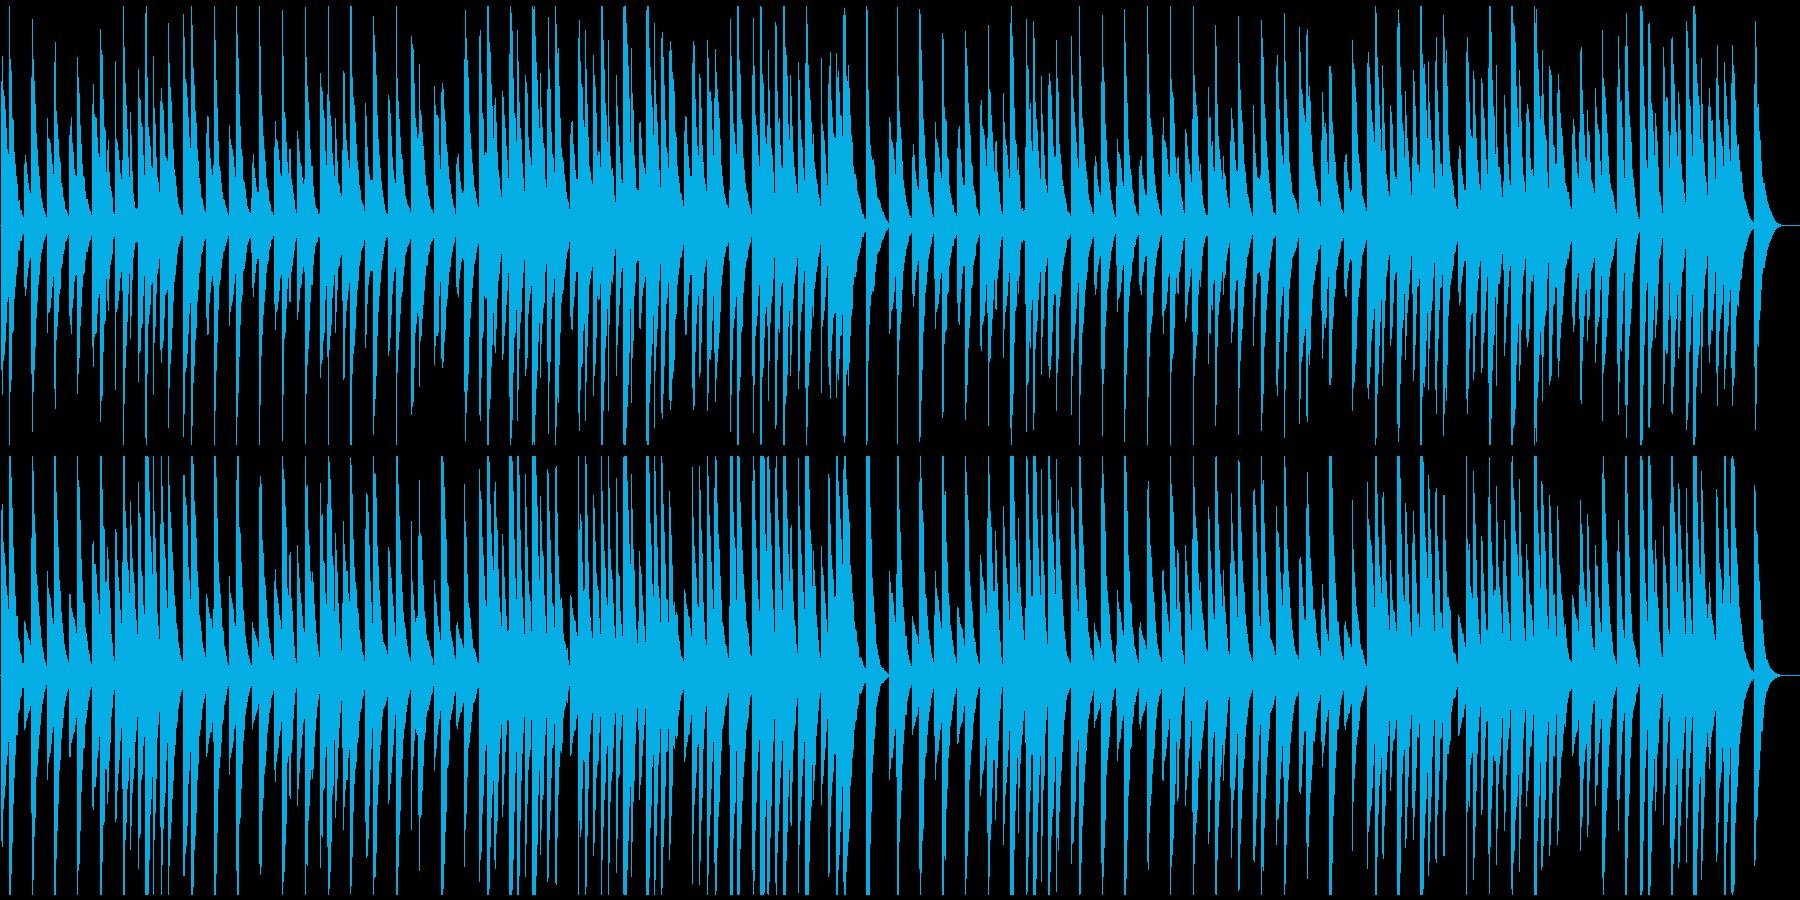 ★サティ★ジムノペディ第1番★ピアノ★Bの再生済みの波形